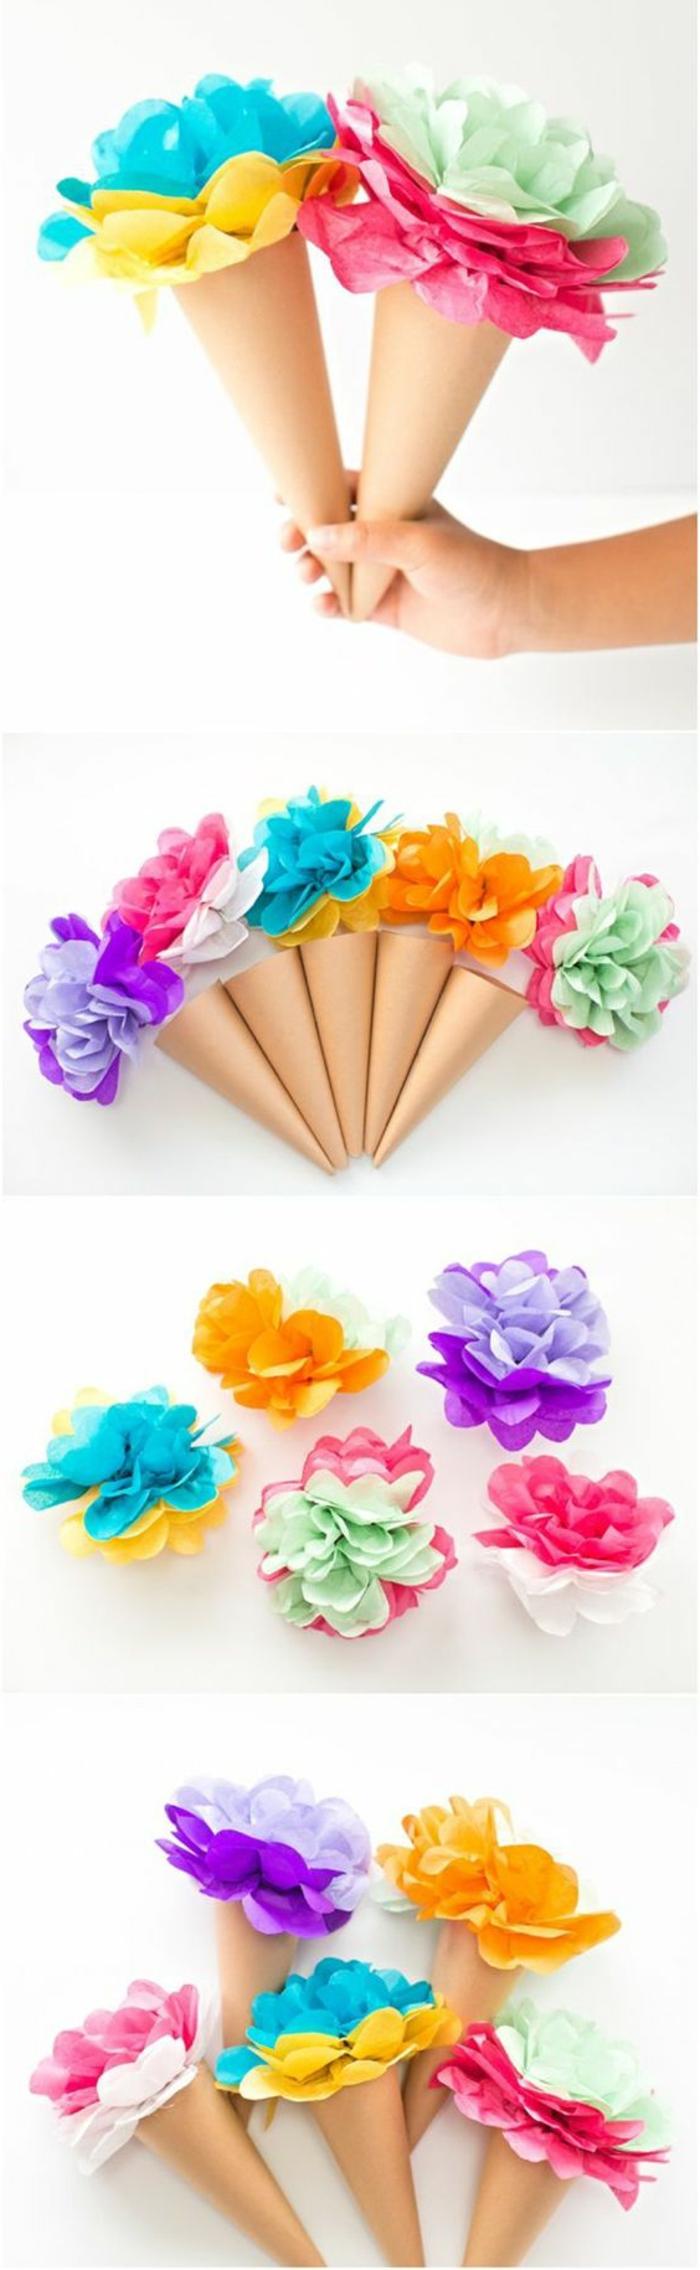 helados DIY para el verano con flores artificiales, originales ideas de proyectos DIY para decorar la casa, manualdiades desde casa